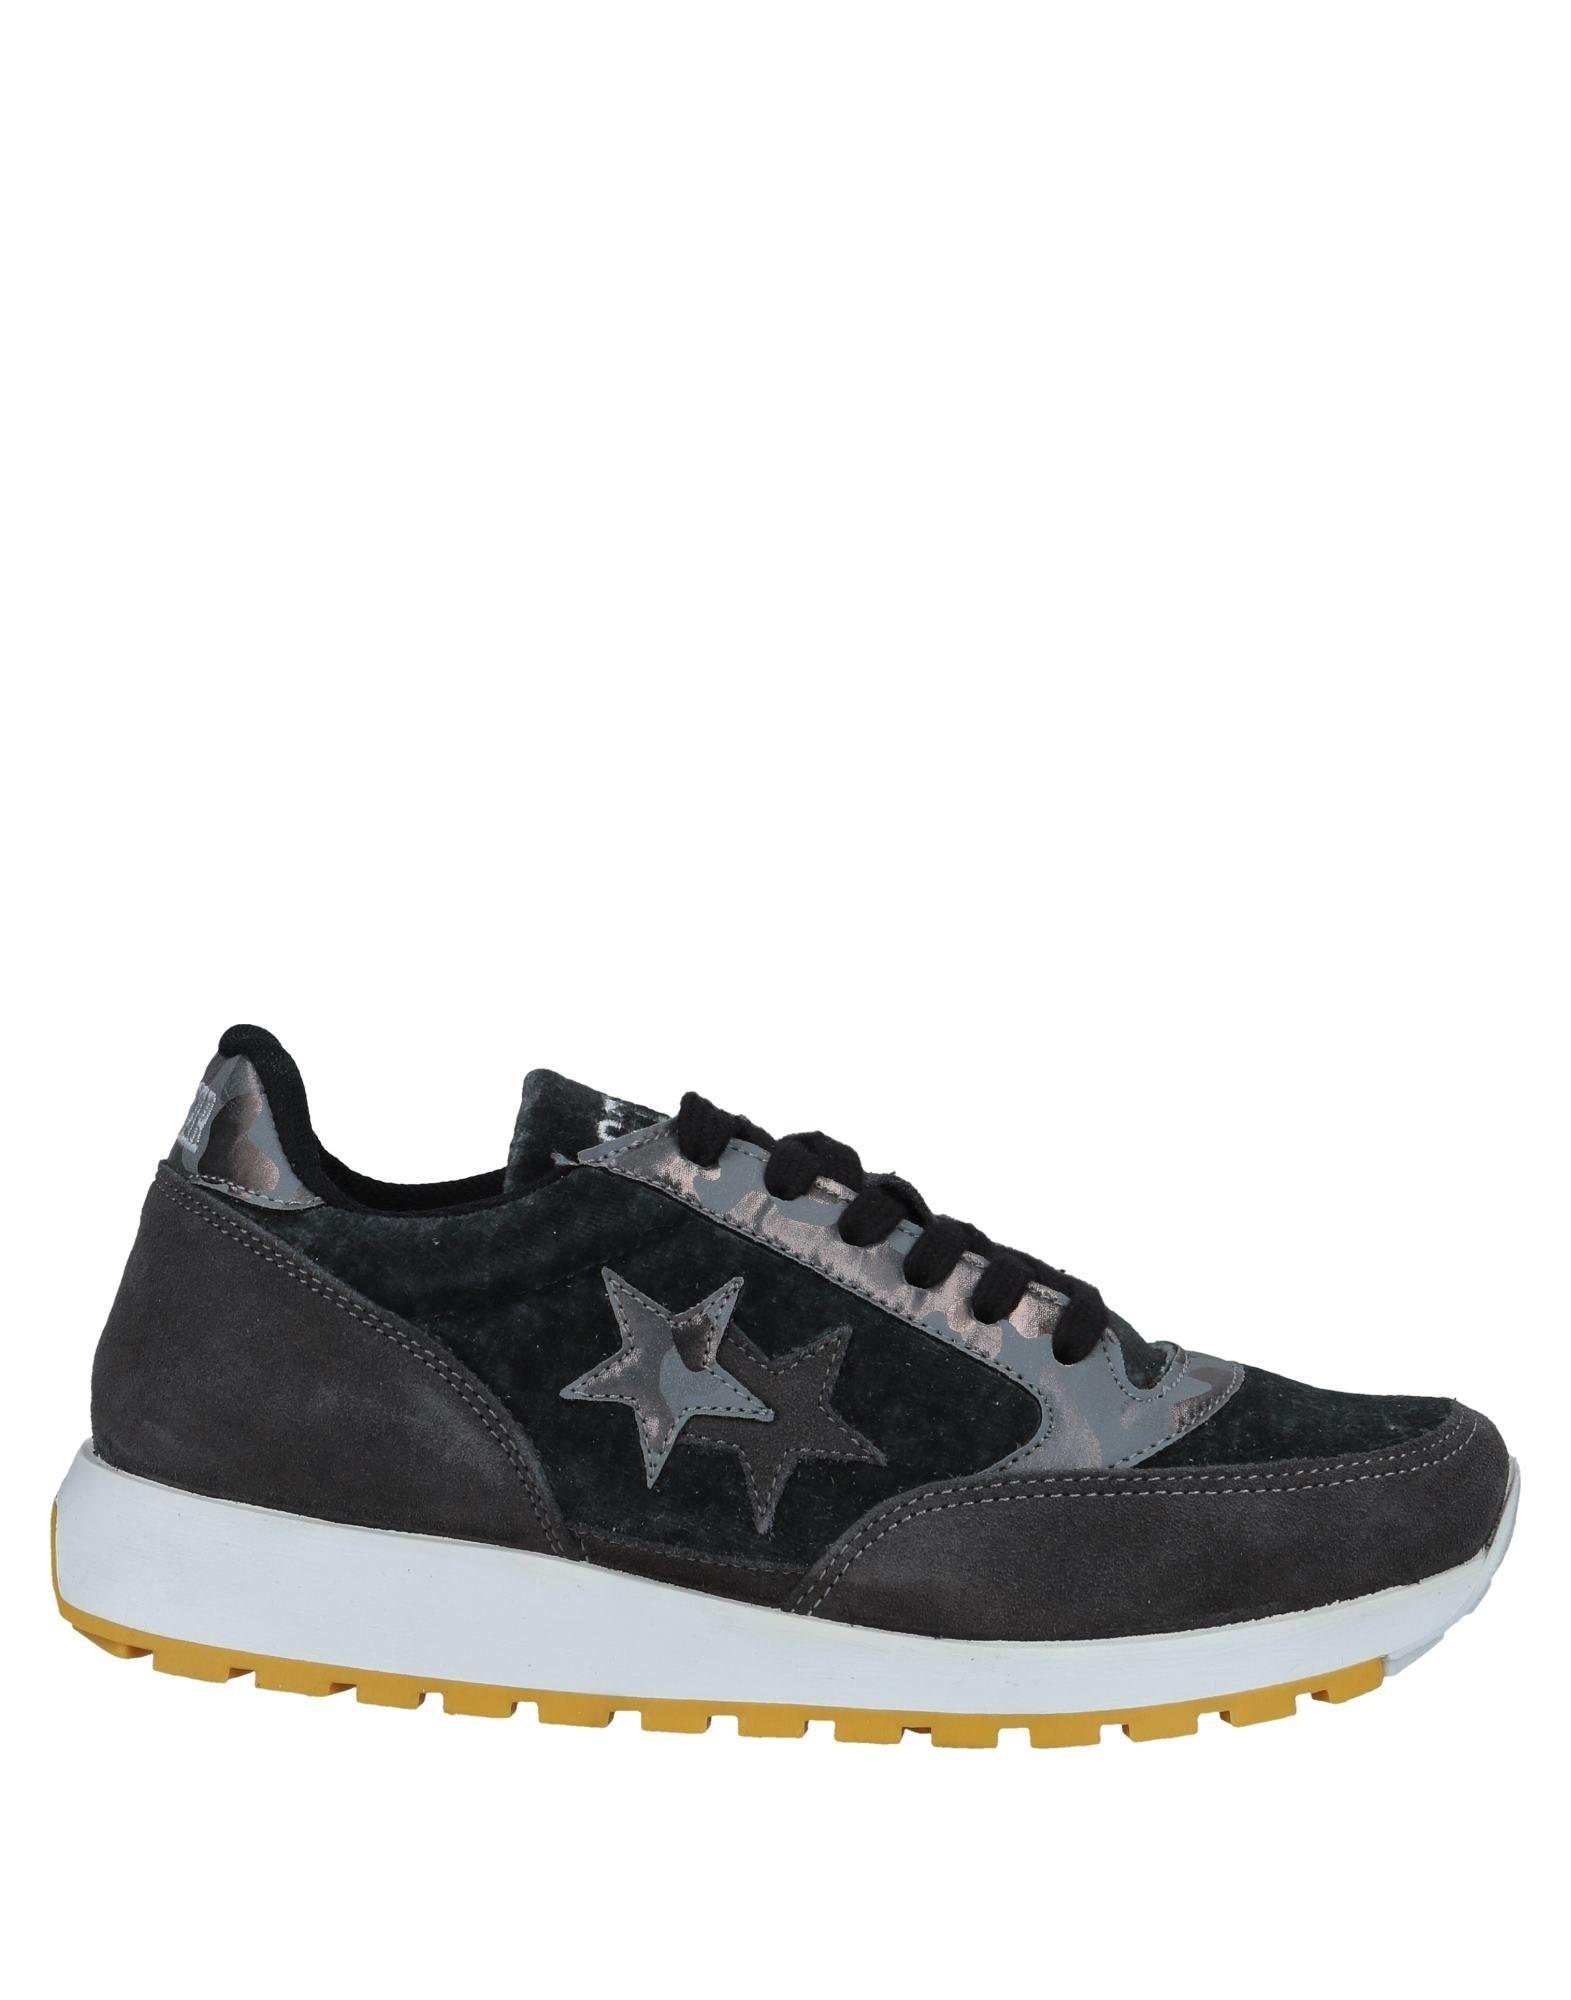 2Star Sneakers Sneakers - Women 2Star Sneakers 2Star online on  United Kingdom - 11548014SO 780aa0